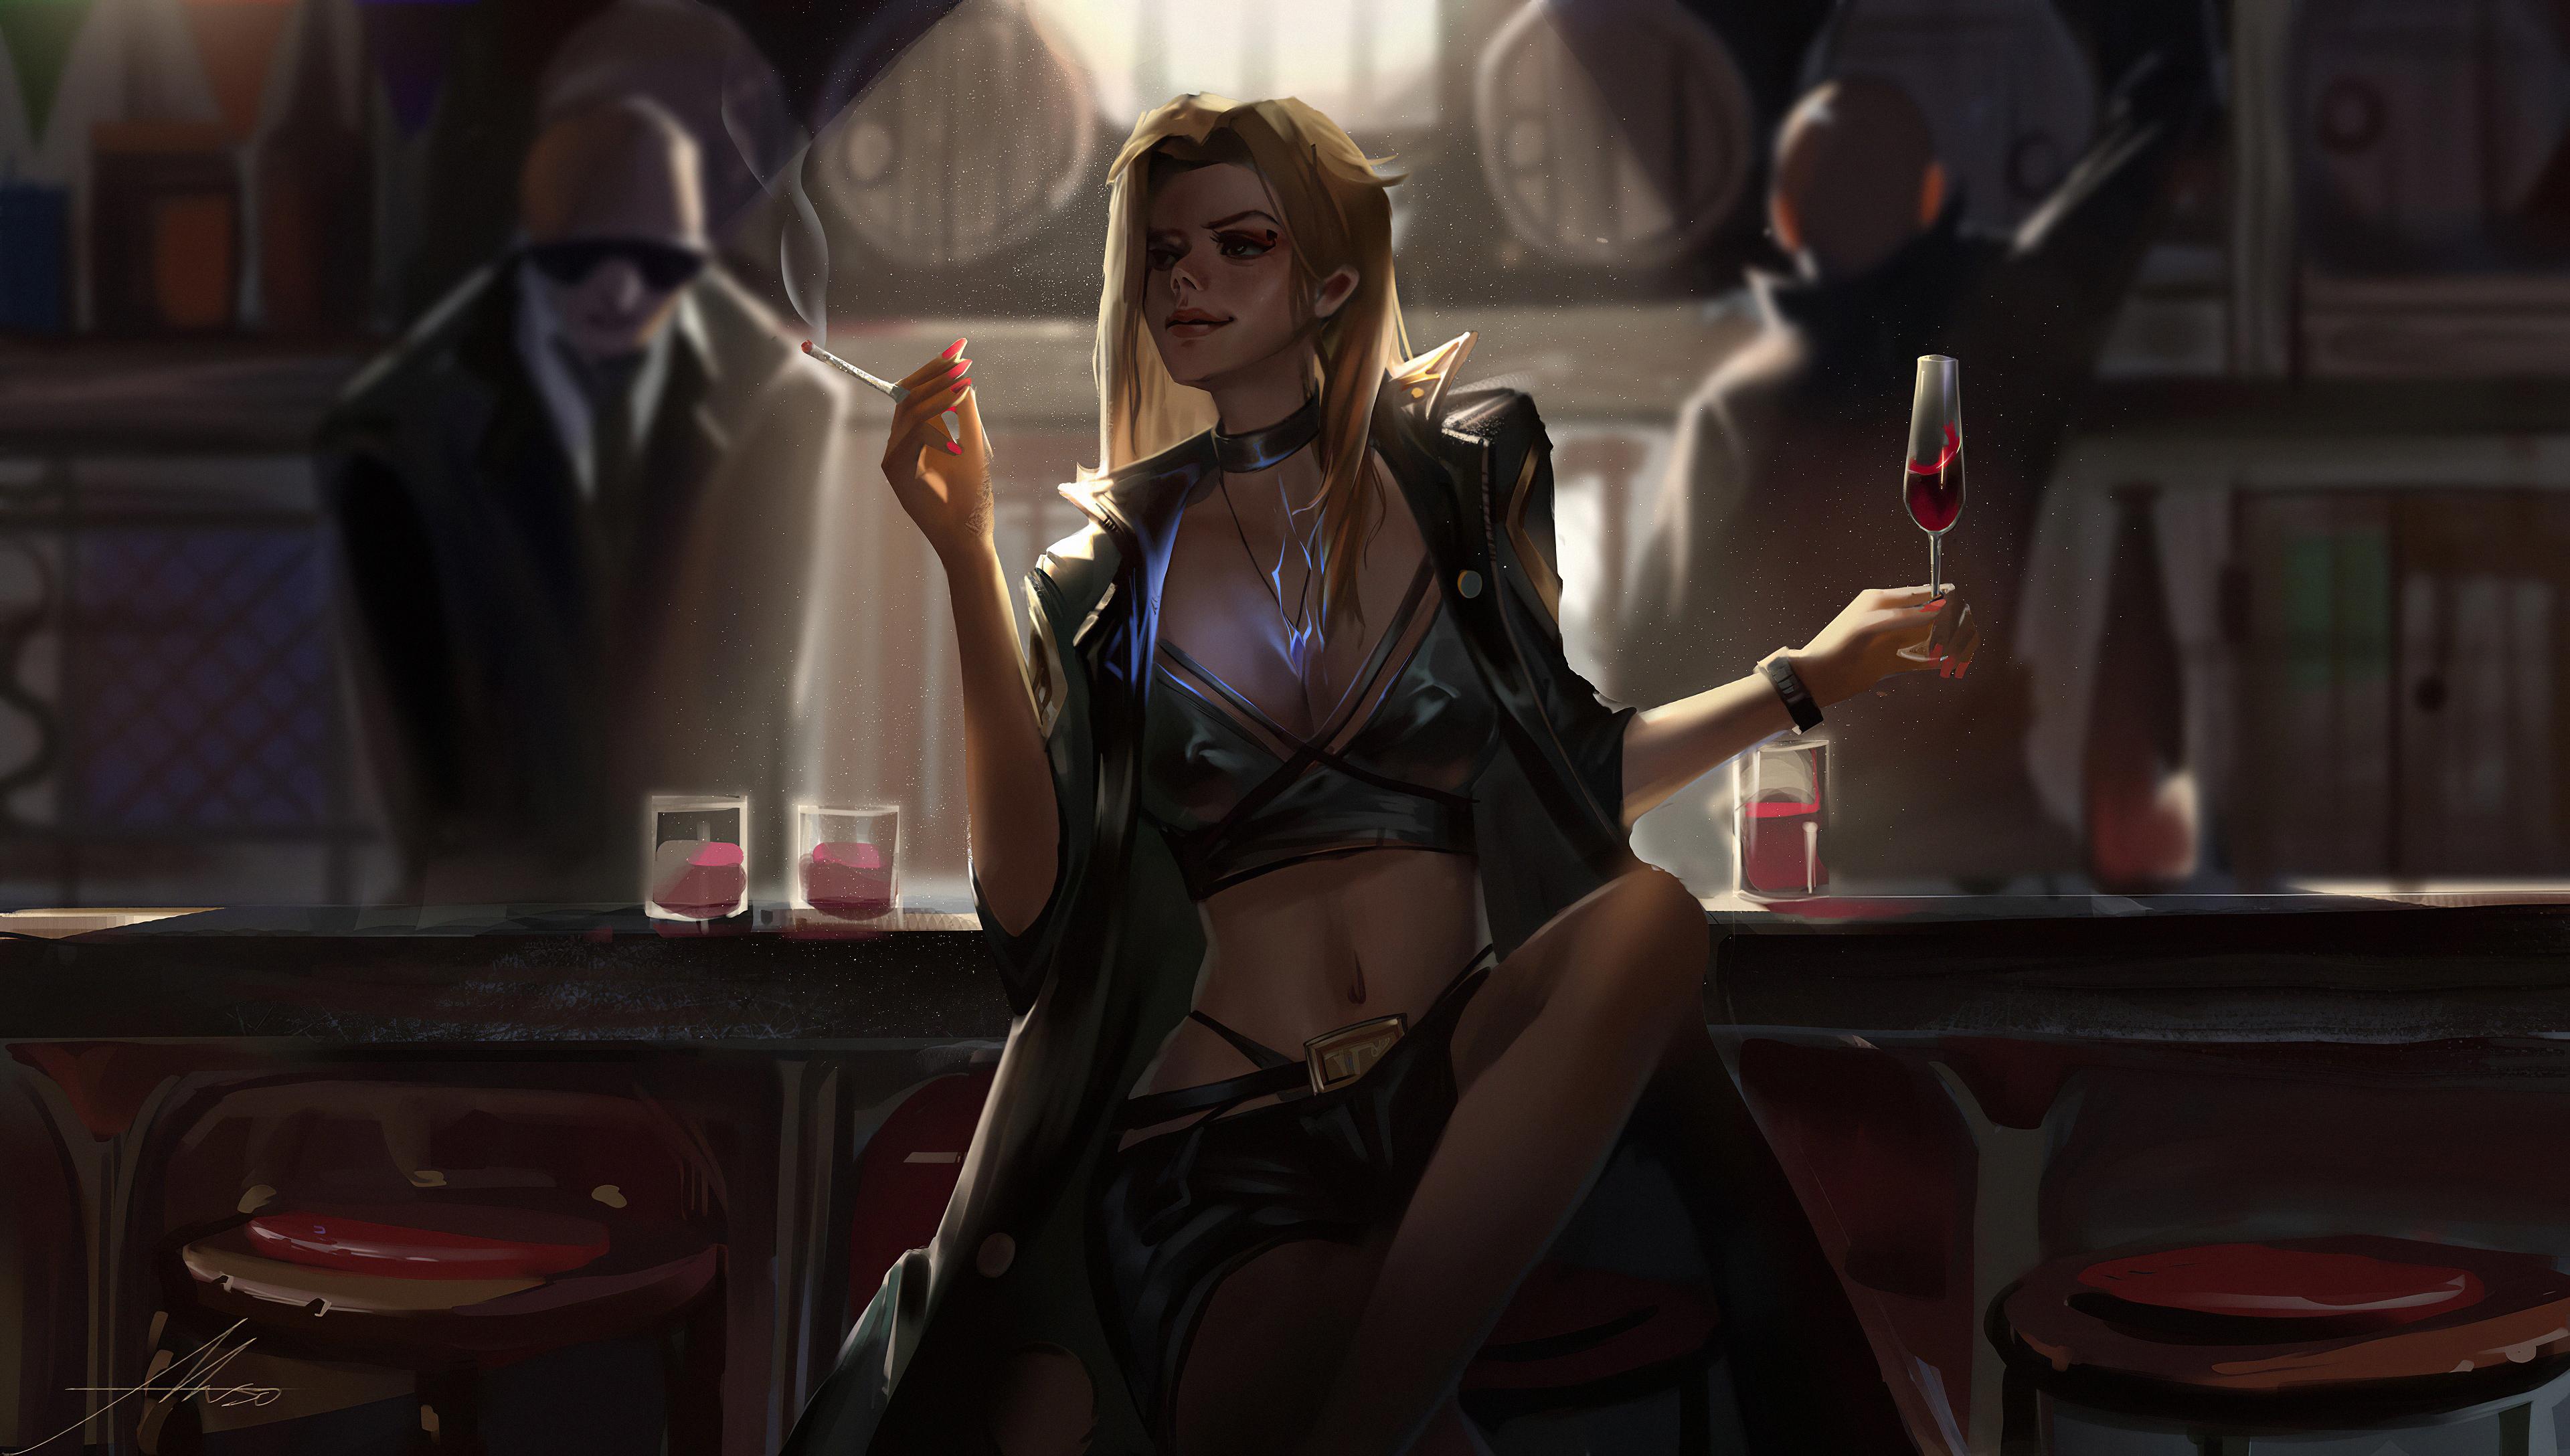 girl in bar smoking 1578254803 - Girl In Bar Smoking -